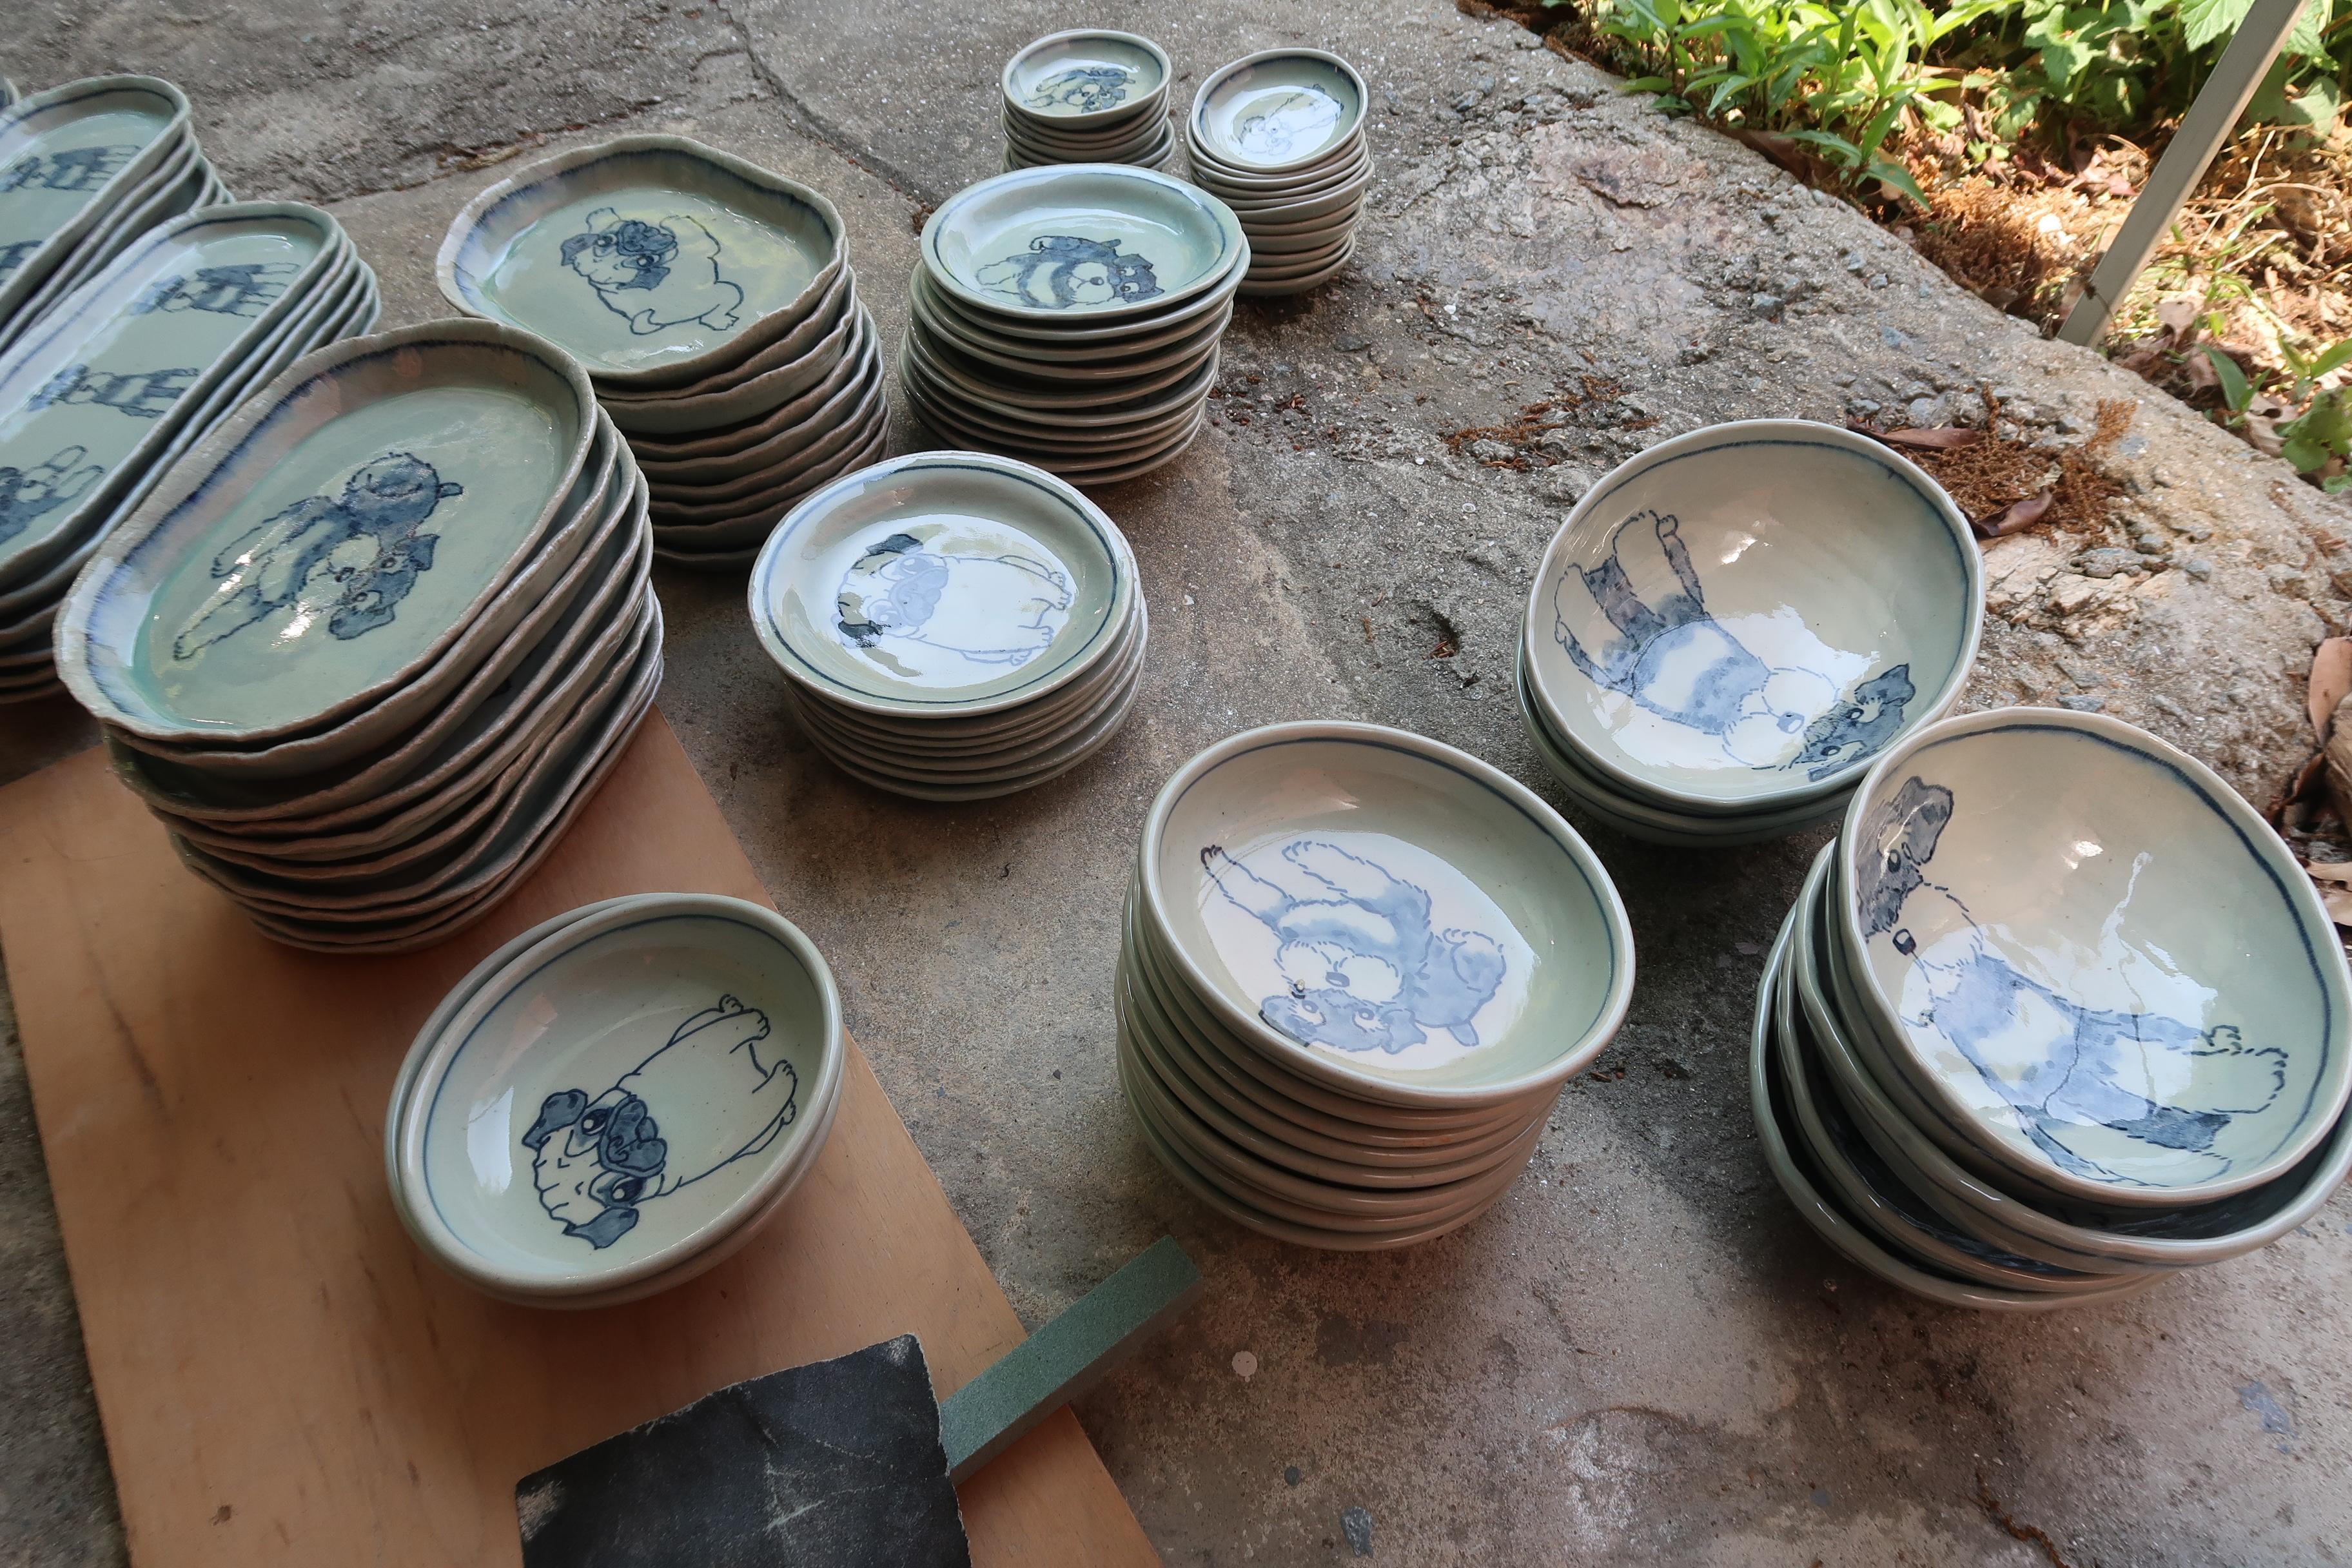 シュナウザー食器 陶芸 シュナウザー pottery Schnauzer